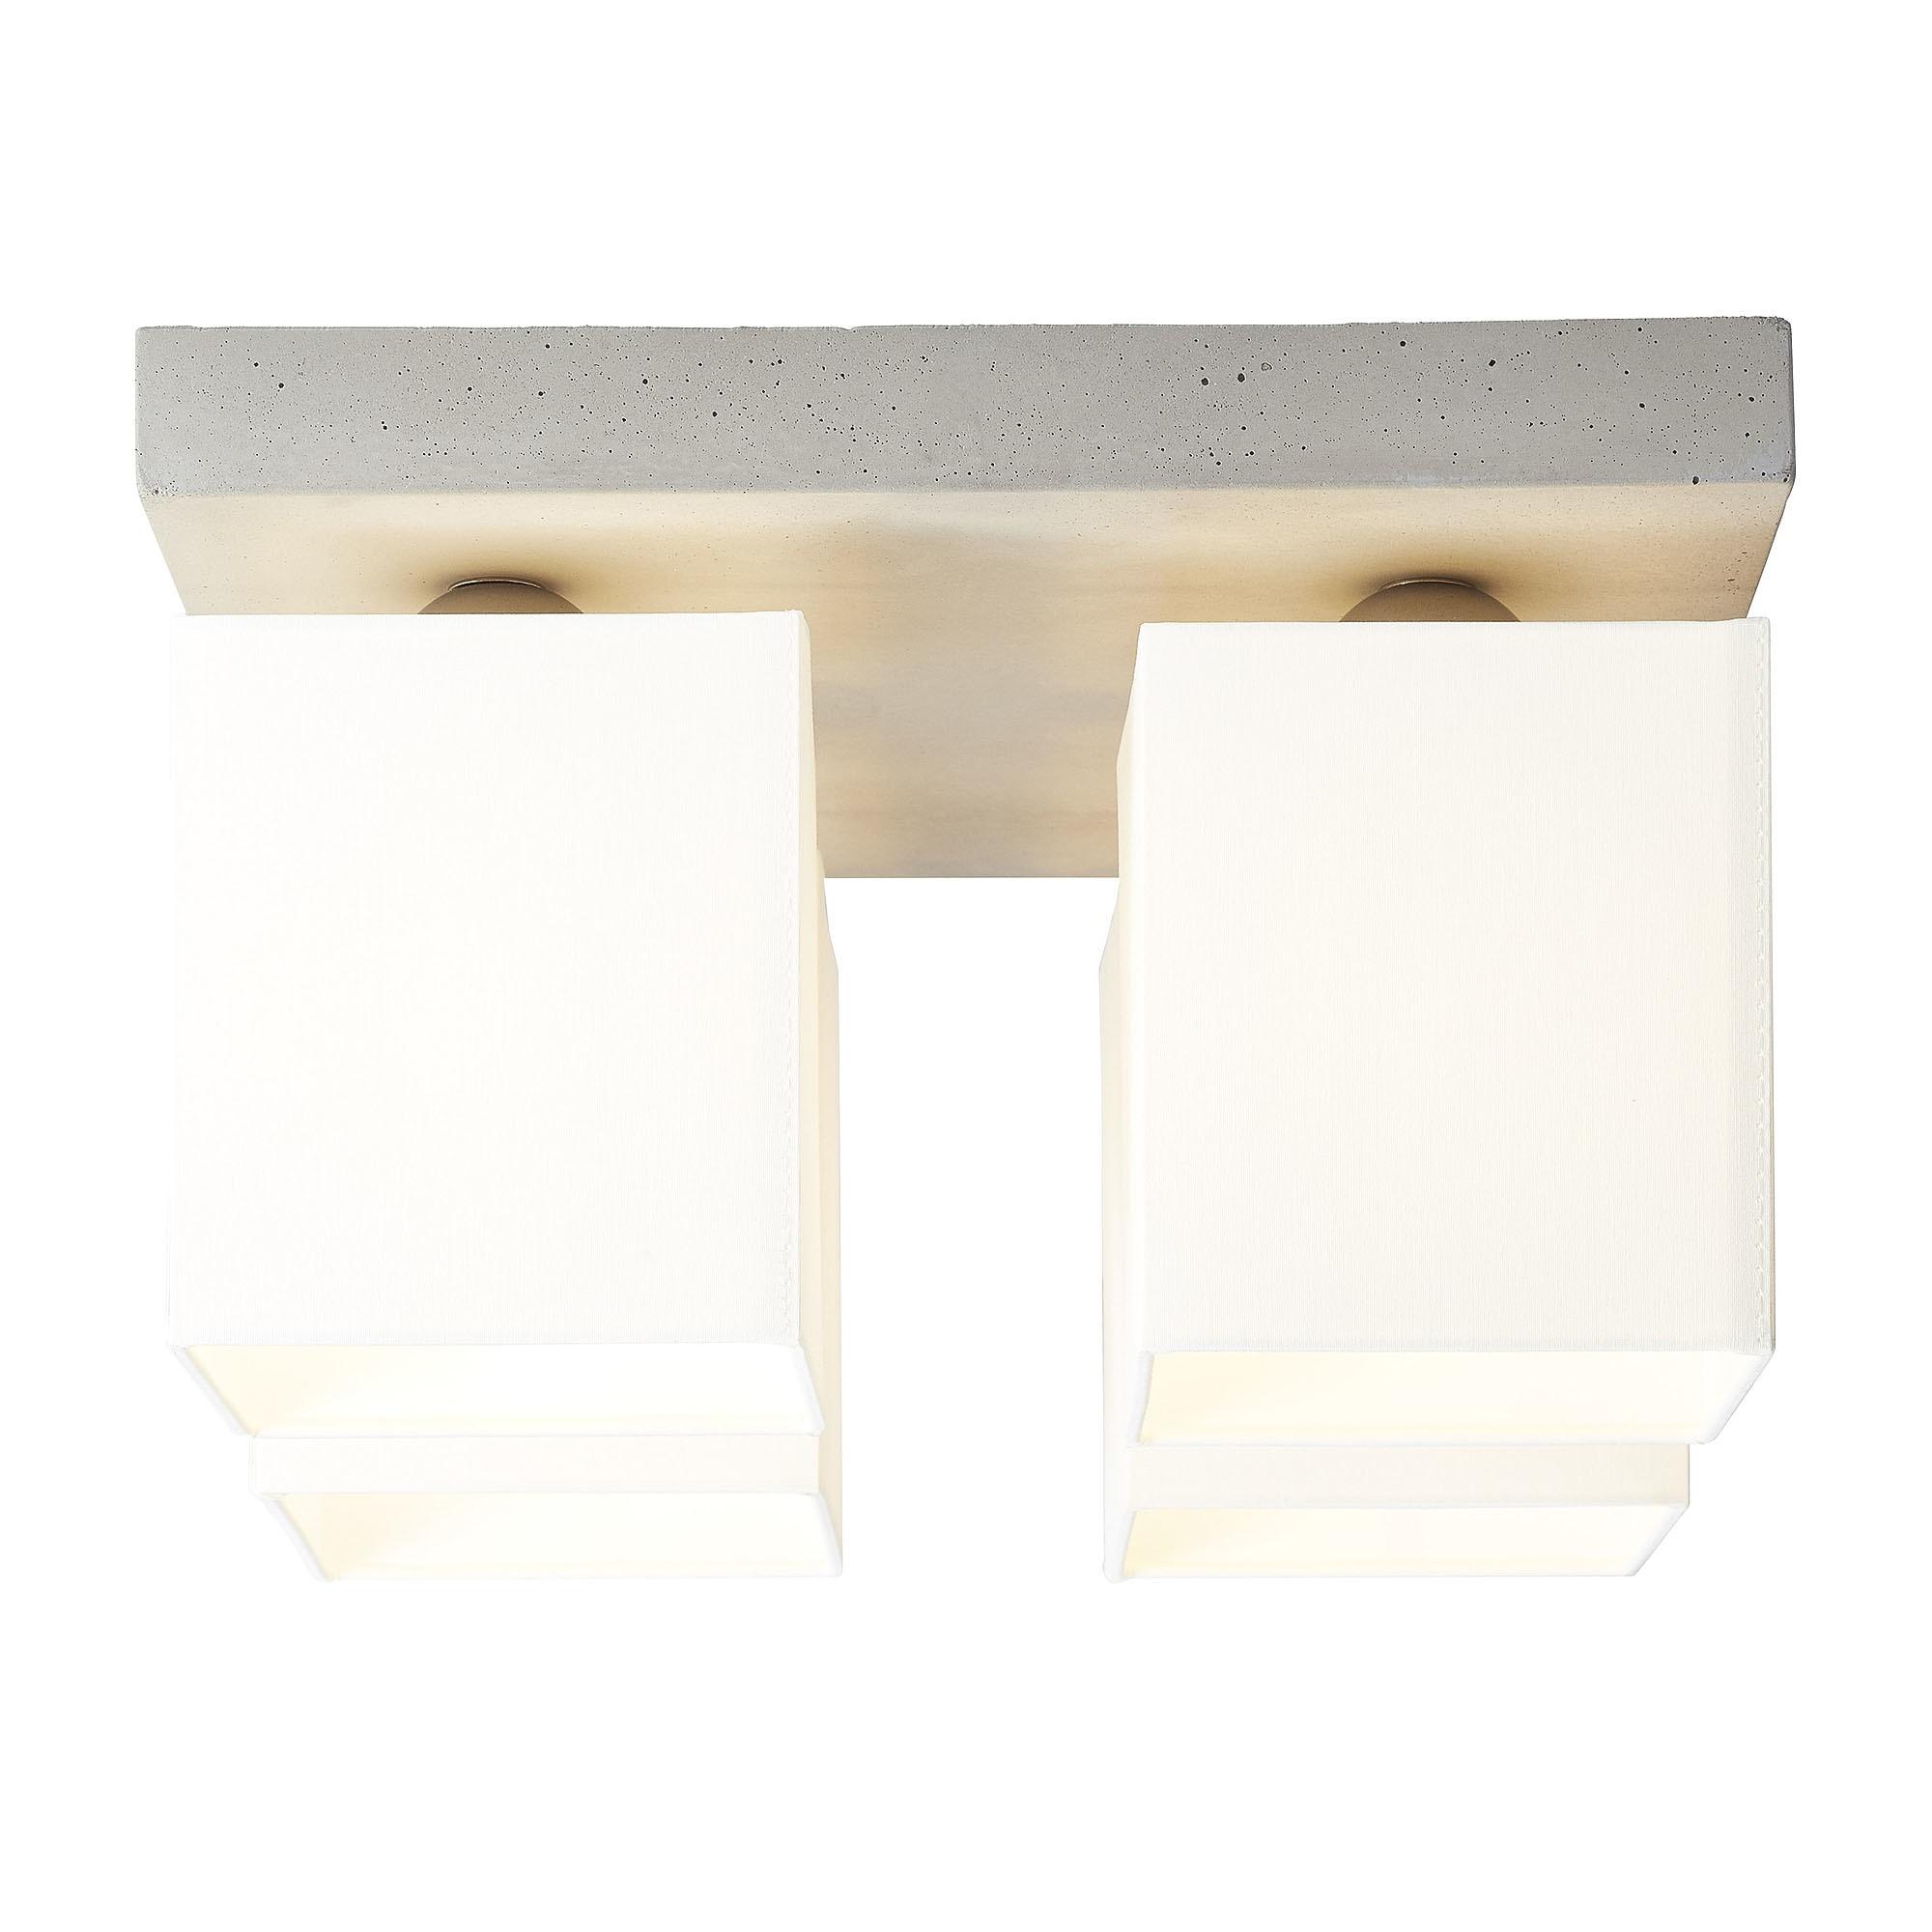 Brilliant Leuchten Monty Deckenleuchte 4flg beton/weiß